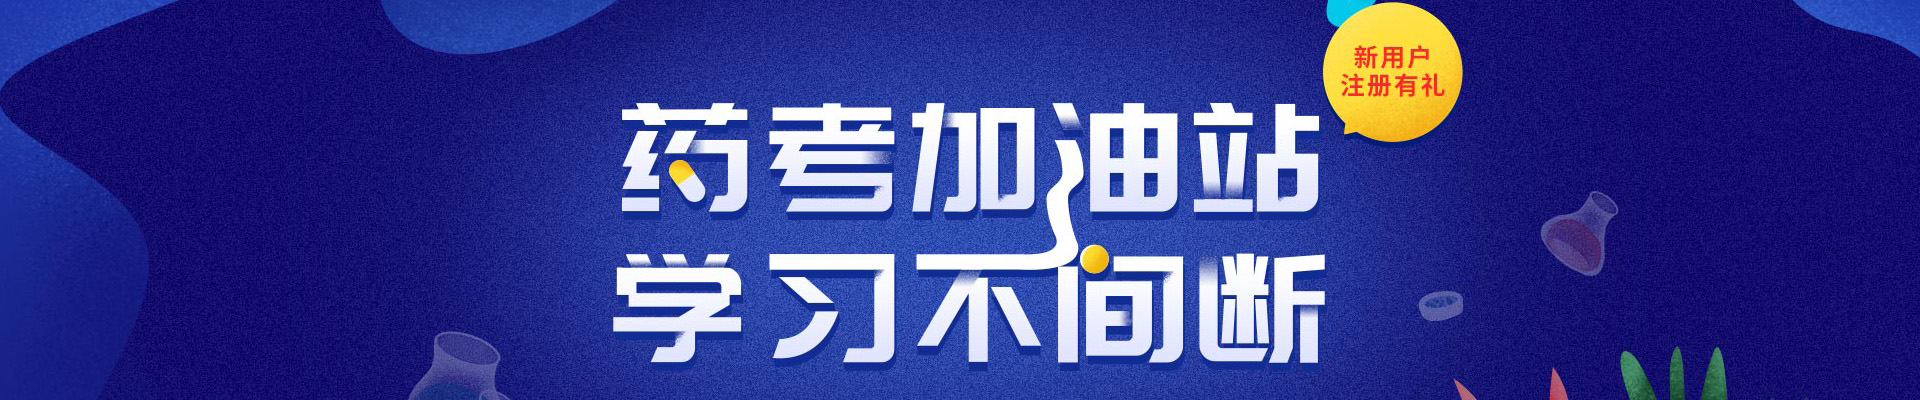 四川广元优路教育培训学校